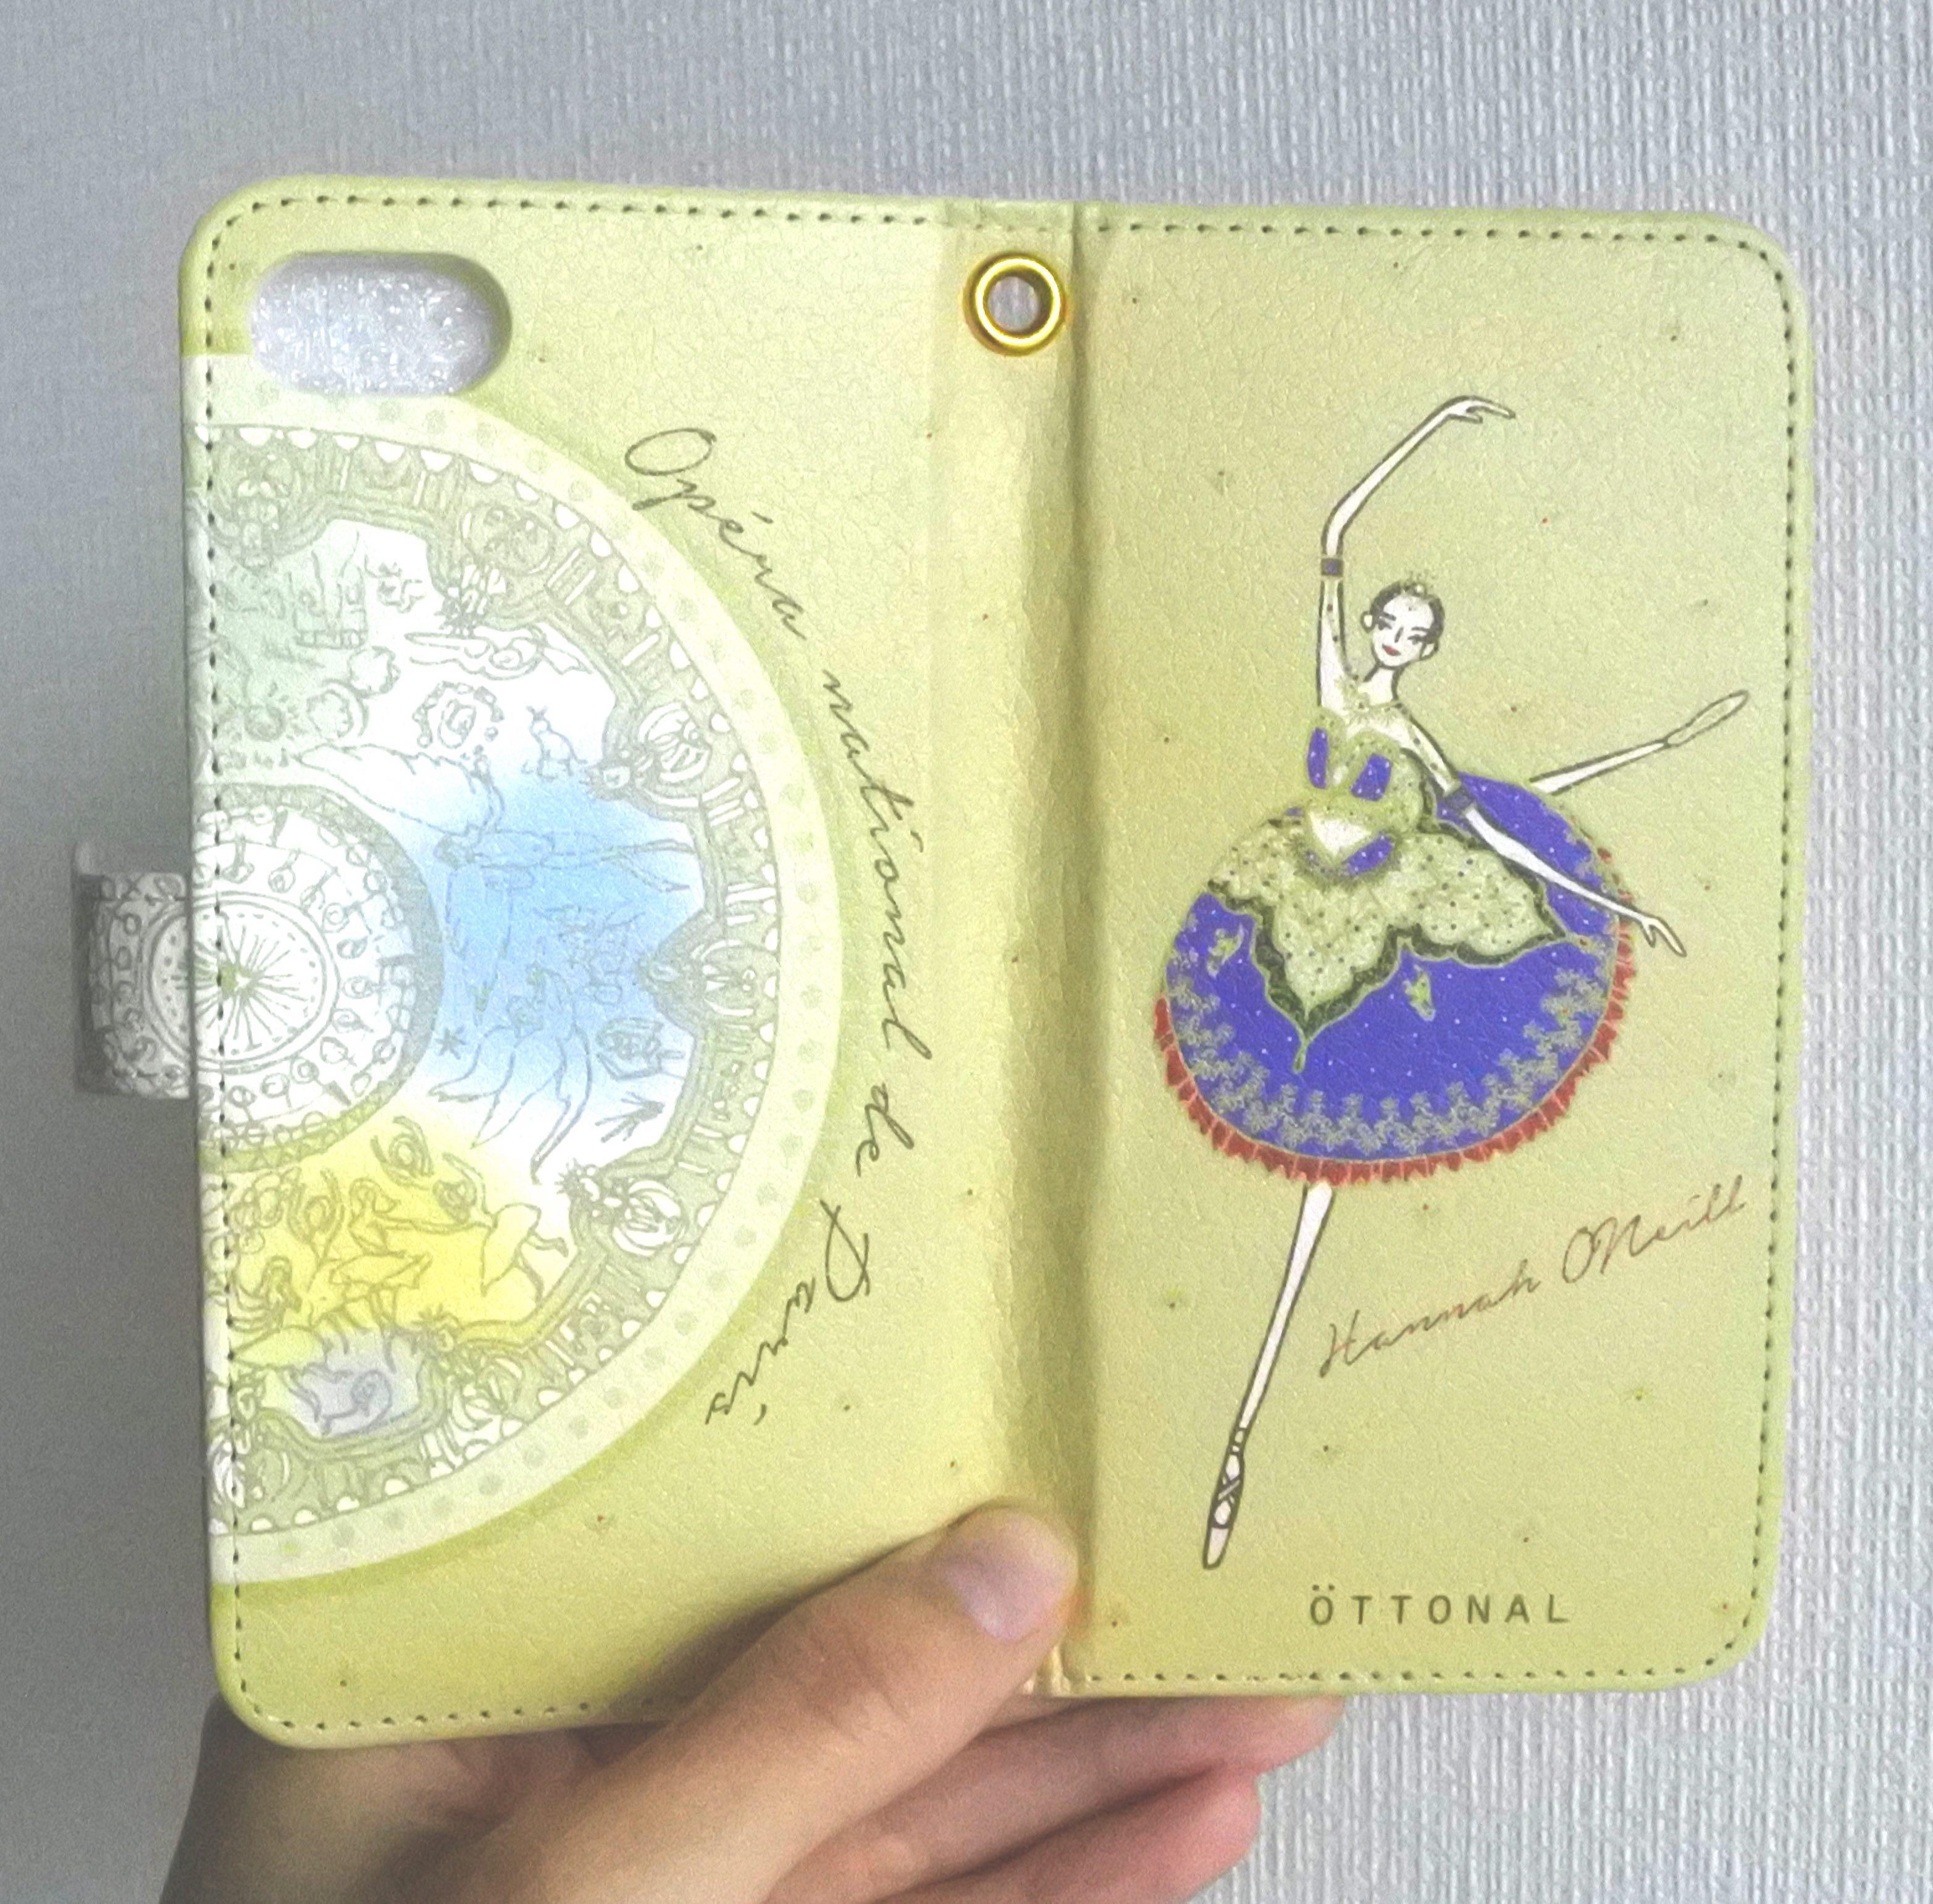 ★パリ・オペラ座コラボ★ (iPhone)オニールハナ 手帳型スマホケース - 画像3